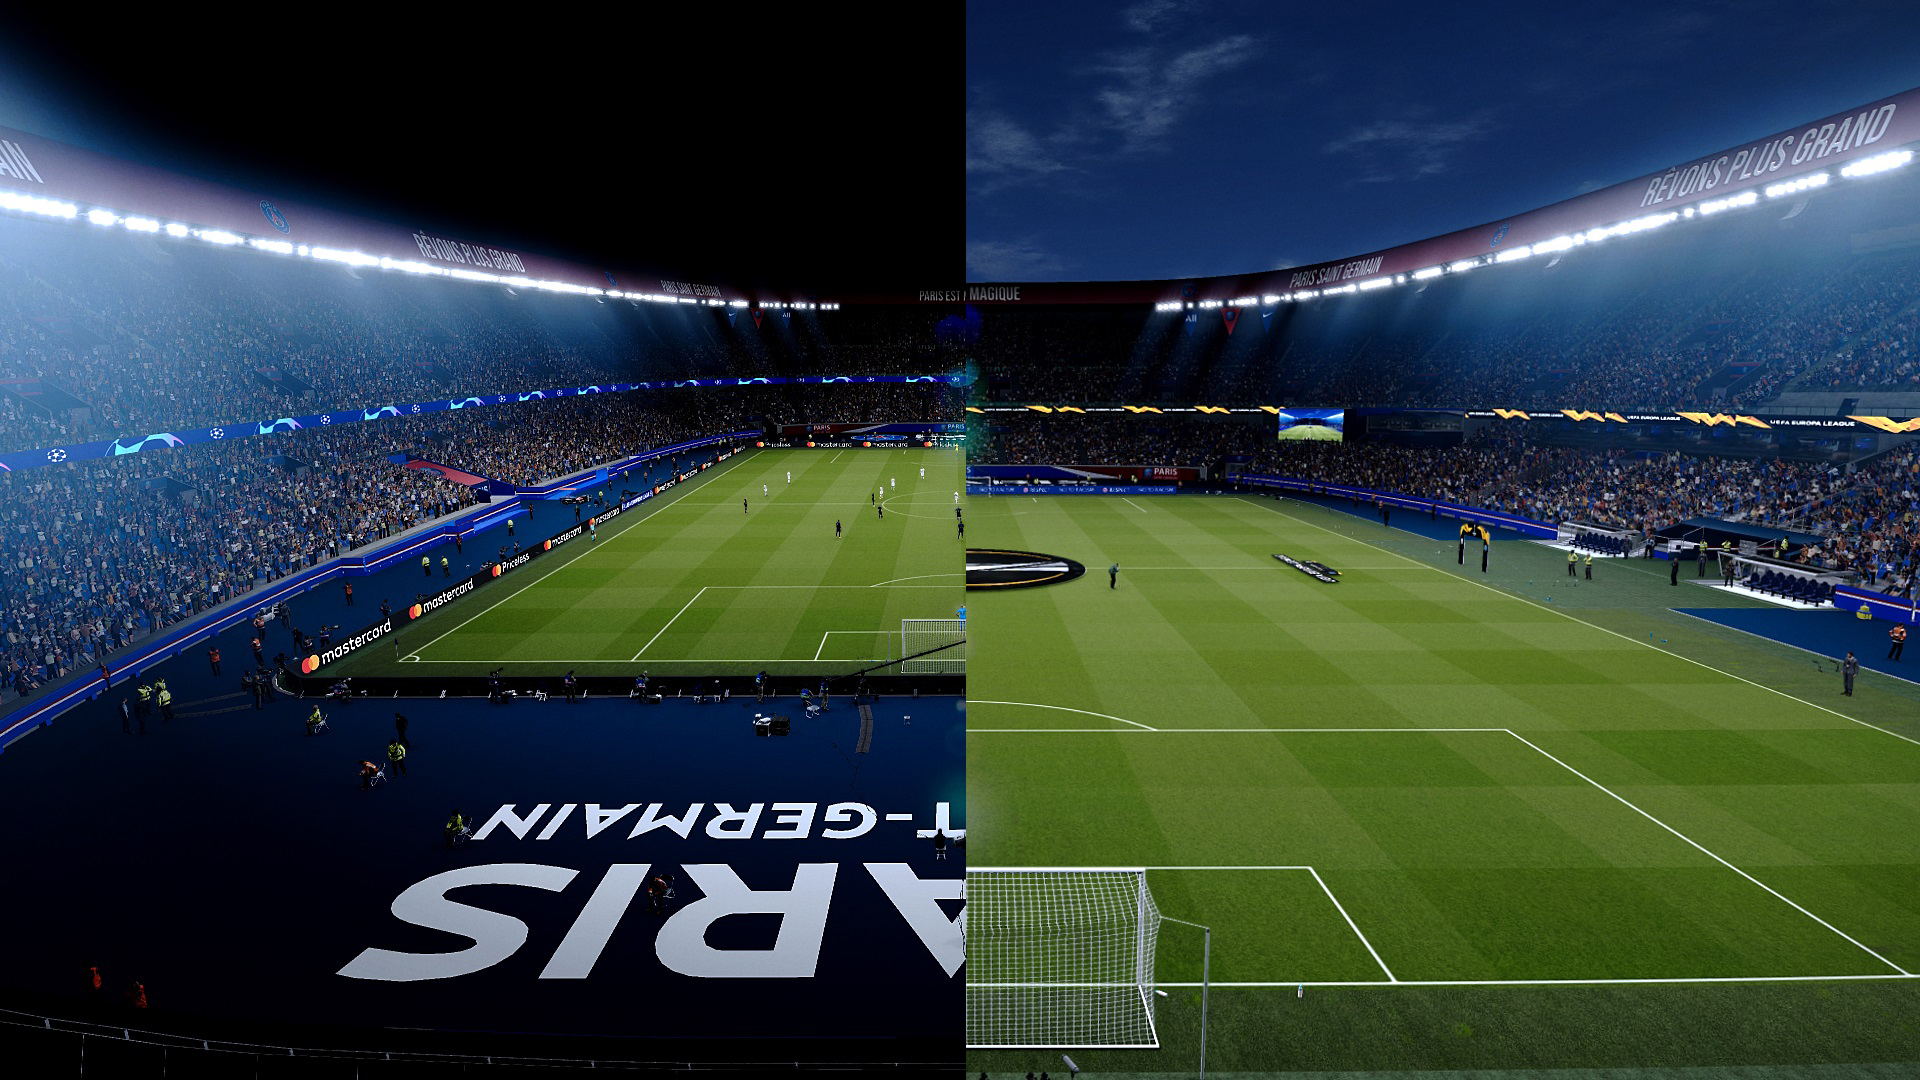 PES 2021 Parc des Princes - PSG (Paris Saint-Germain)